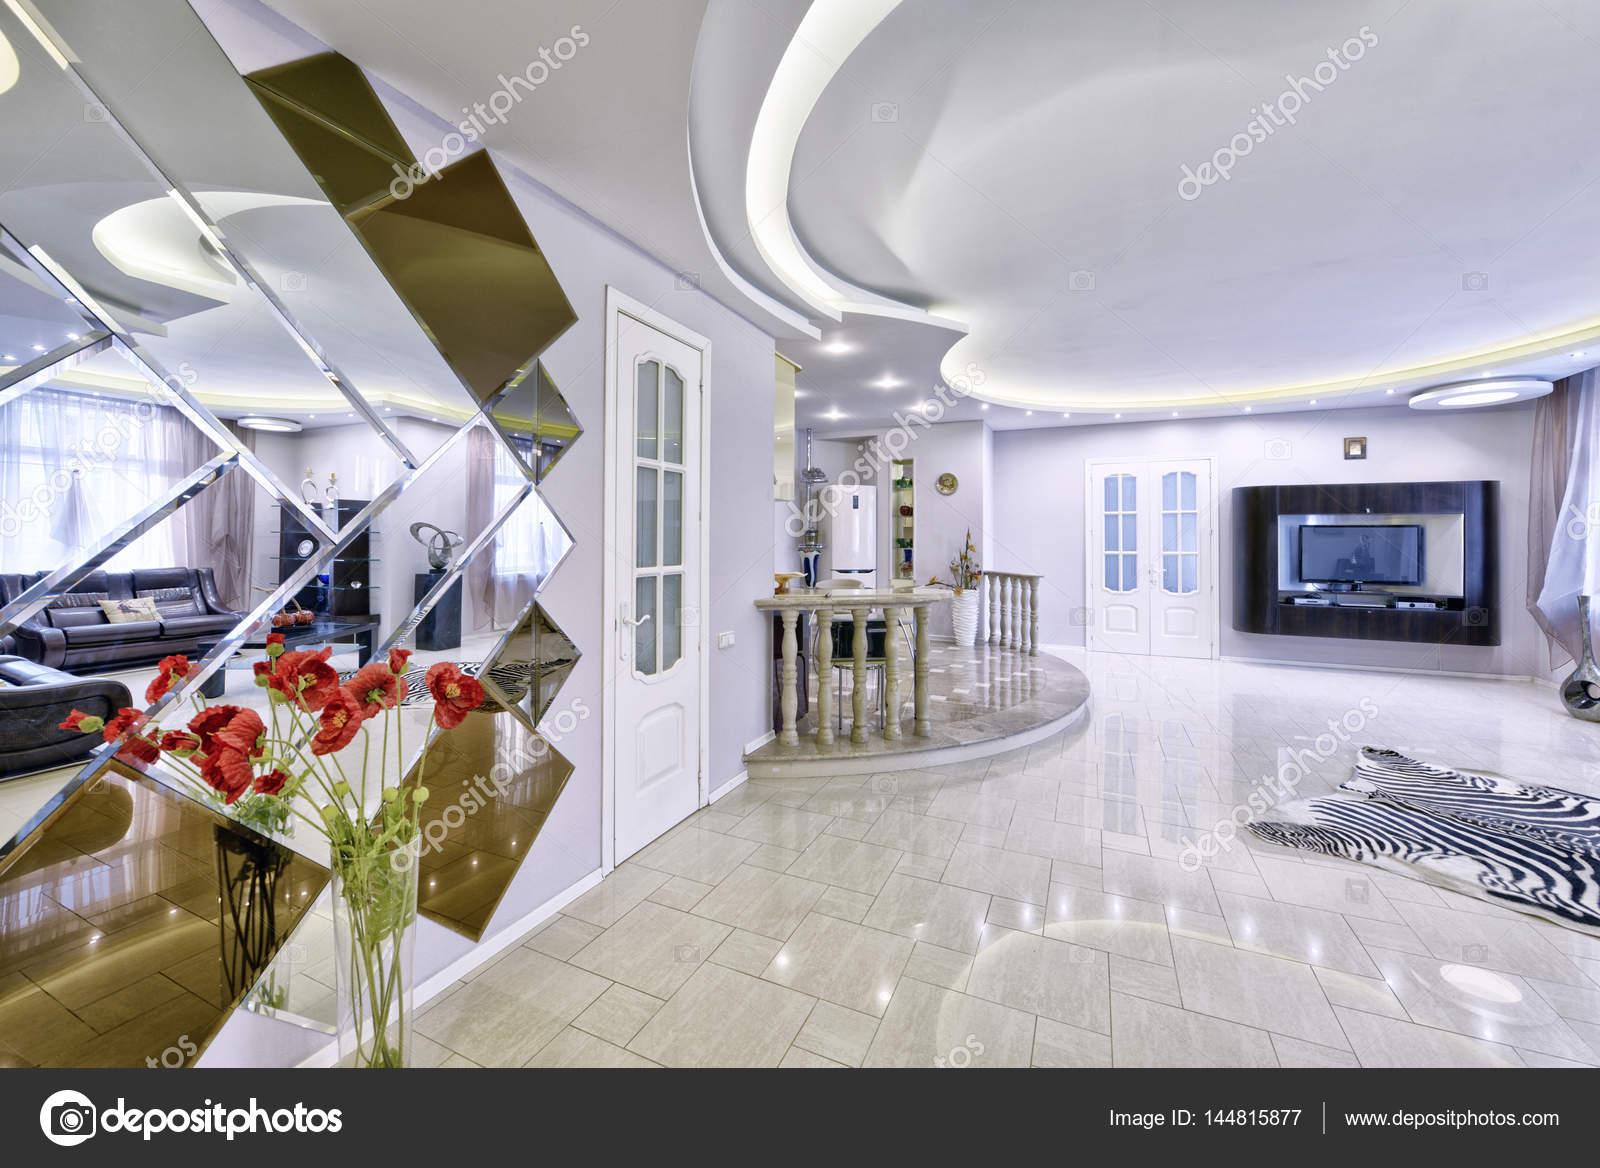 GroB Moderne Innenarchitektur Wohnzimmer, Städtische Immobilien U2014 Stockfoto